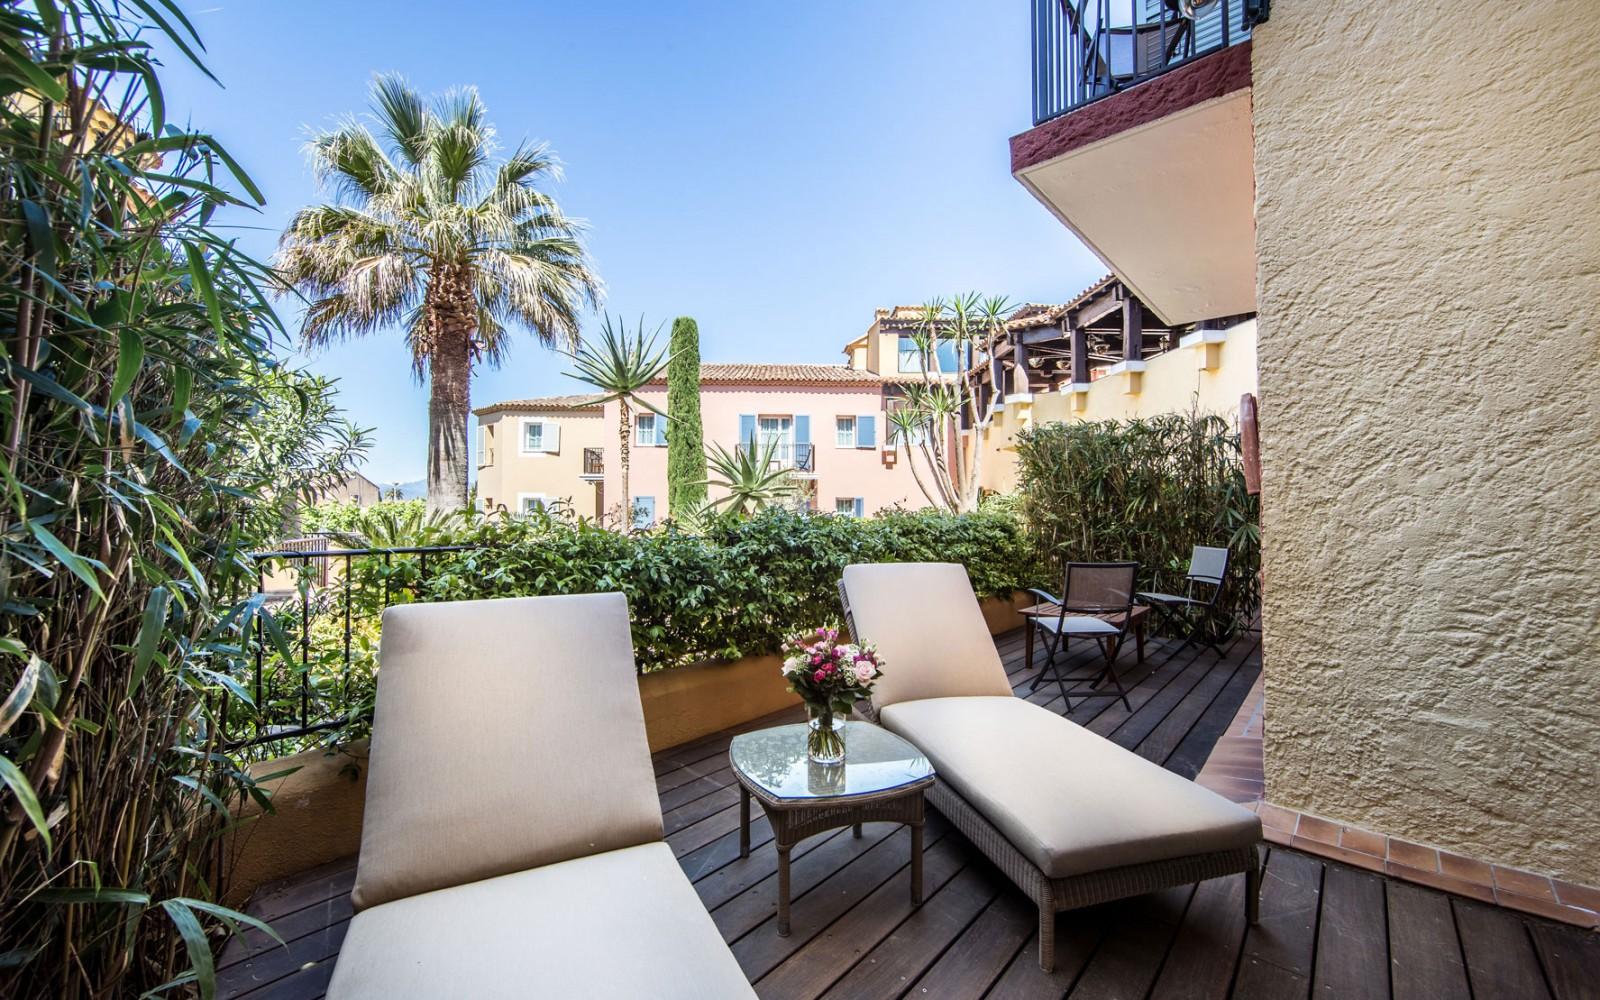 Hotel_Byblos_Saint-Tropez_Deluxe-Suite-exterieur